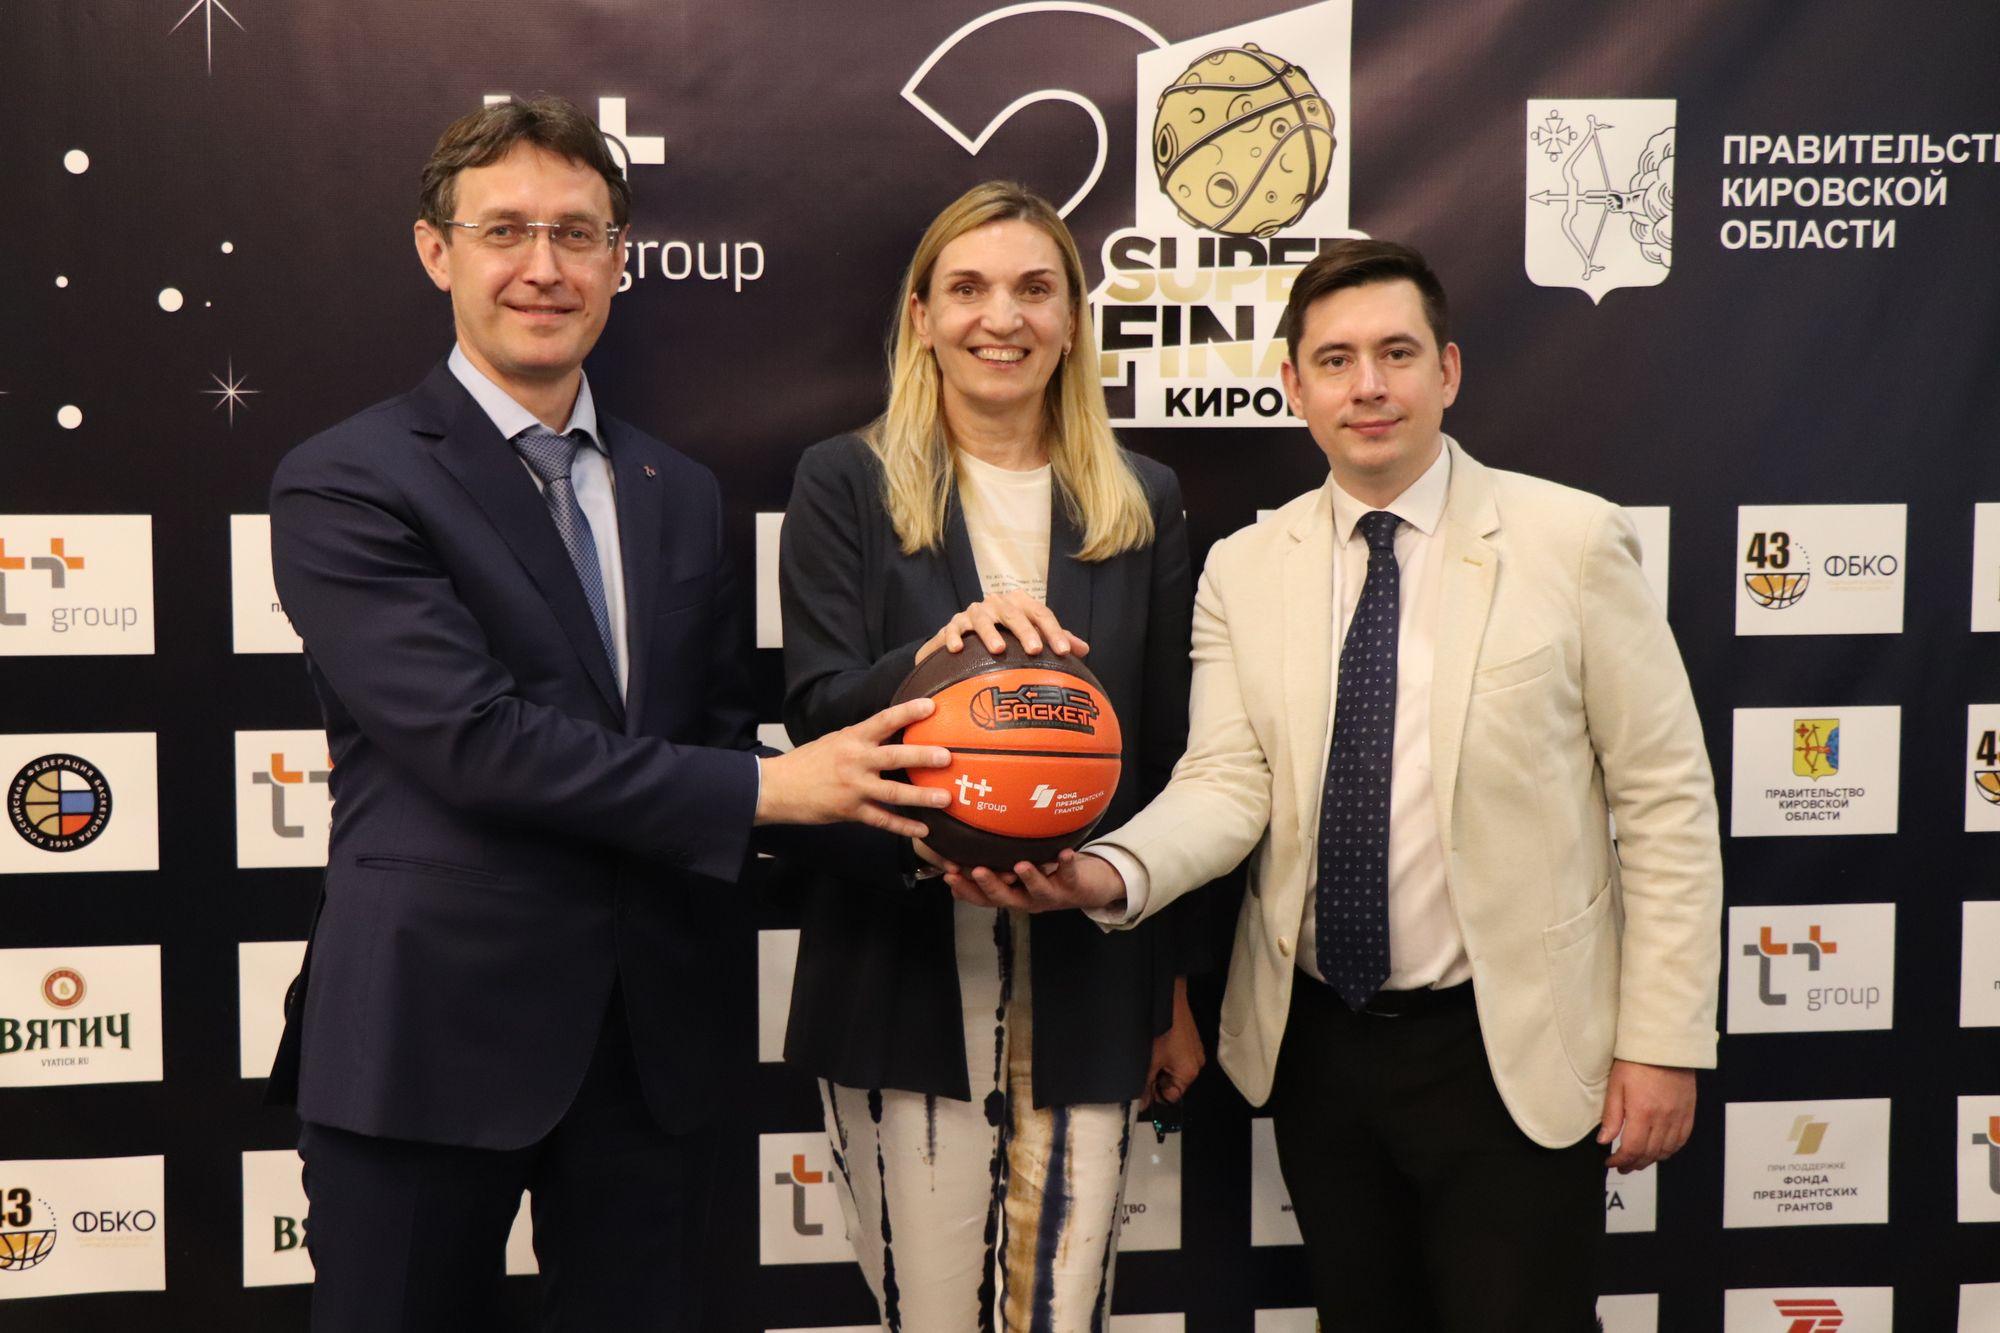 Суперфинал Чемпионата школьной баскетбольной лиги «КЭС-БАСКЕТ»  стартует 11 июля в Кирове